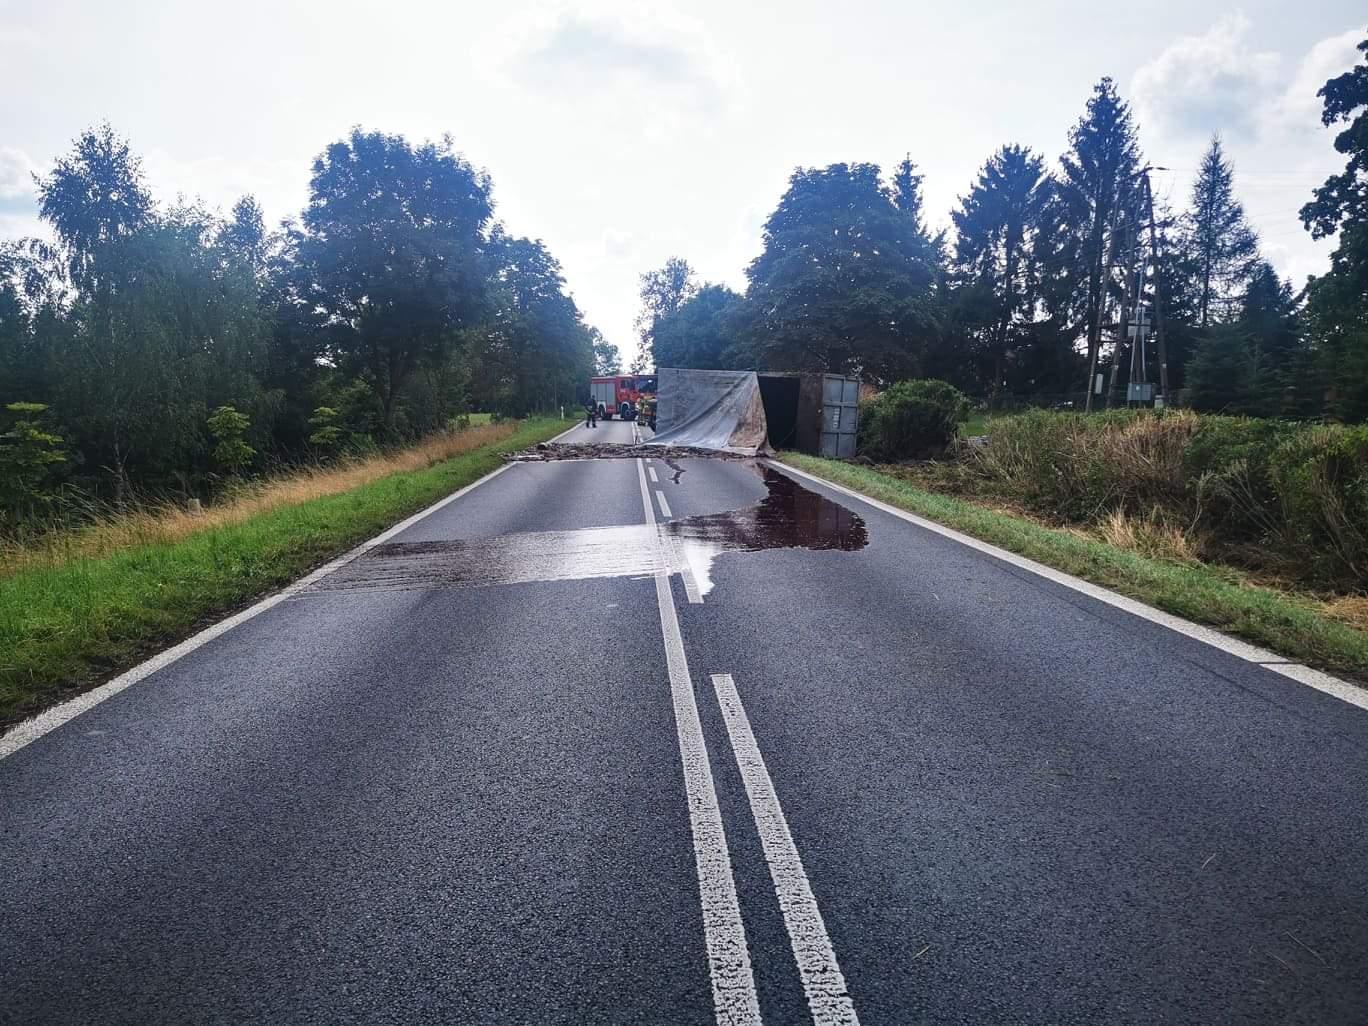 Połczyn Zdrój. Odpady zwierzęce z ubojni na drodze. Kierowca ciężarówki pod wpływem